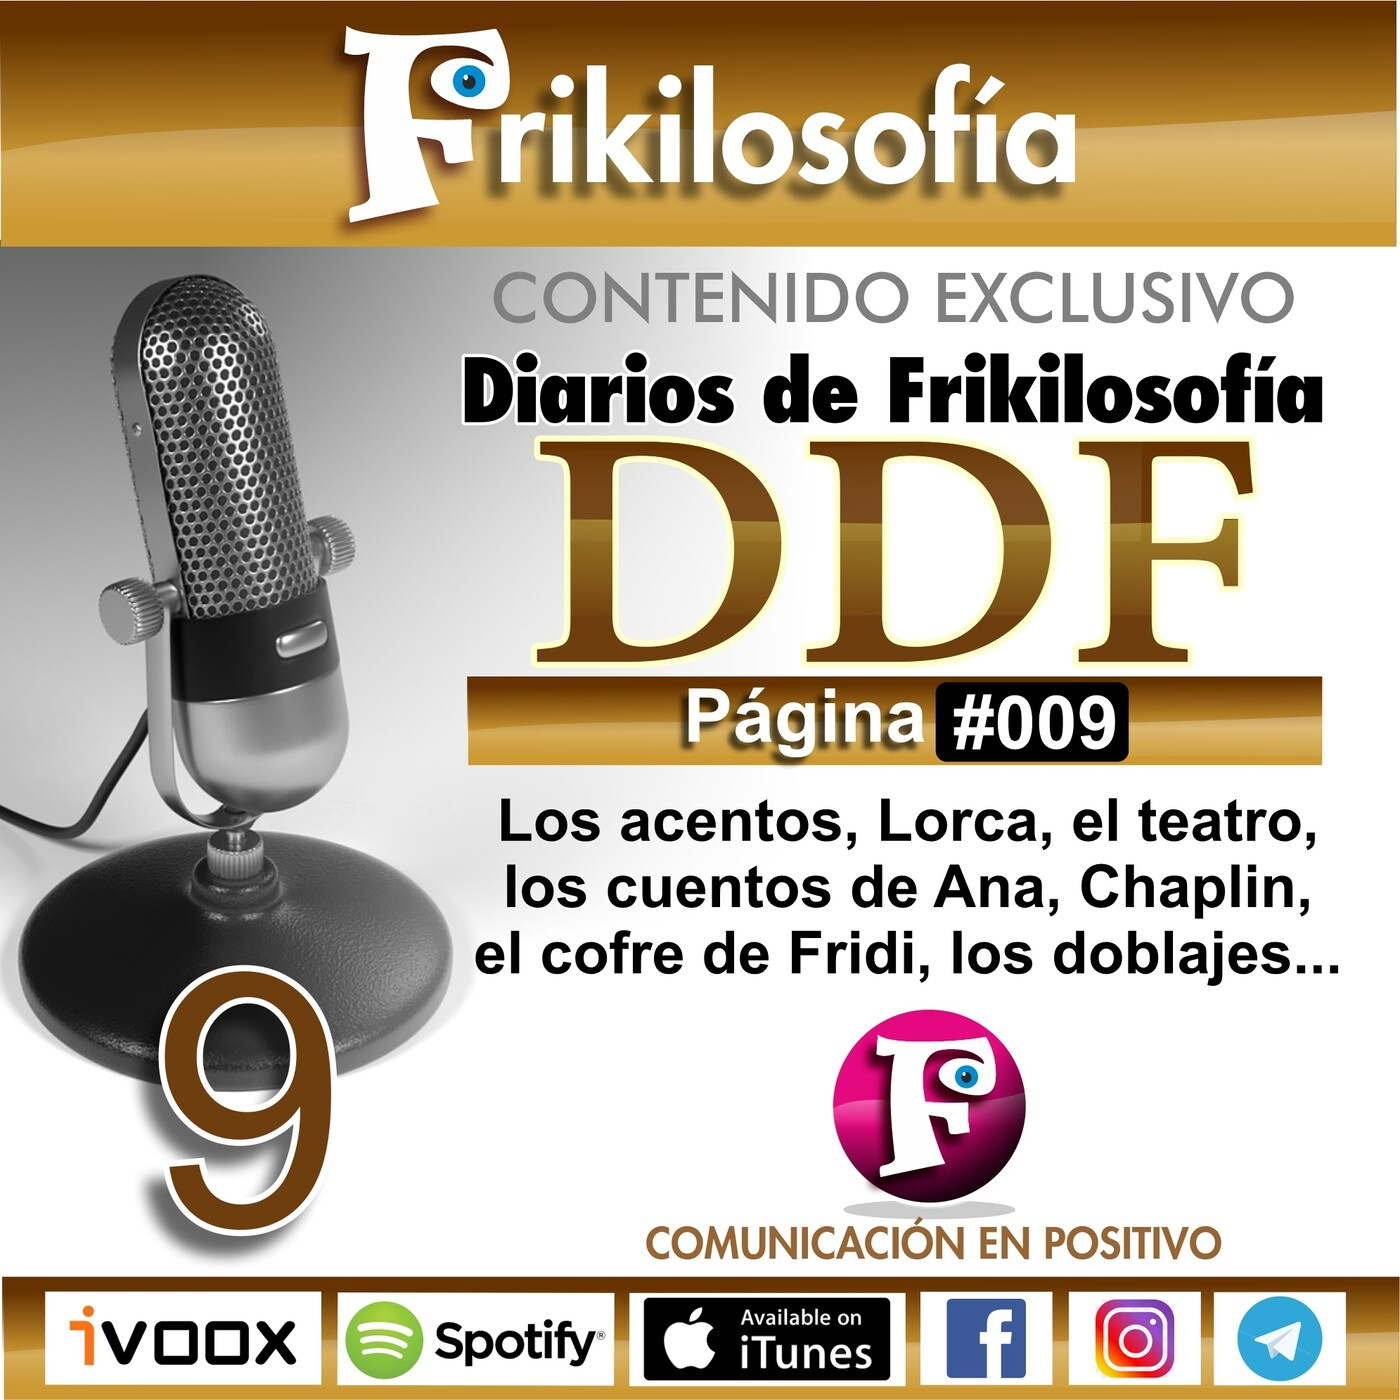 DDF. 009. Diarios De Frikilosofía. Los acentos, Lorca, el teatro, los cuentos de Ana, Dani recita, Chaplin...